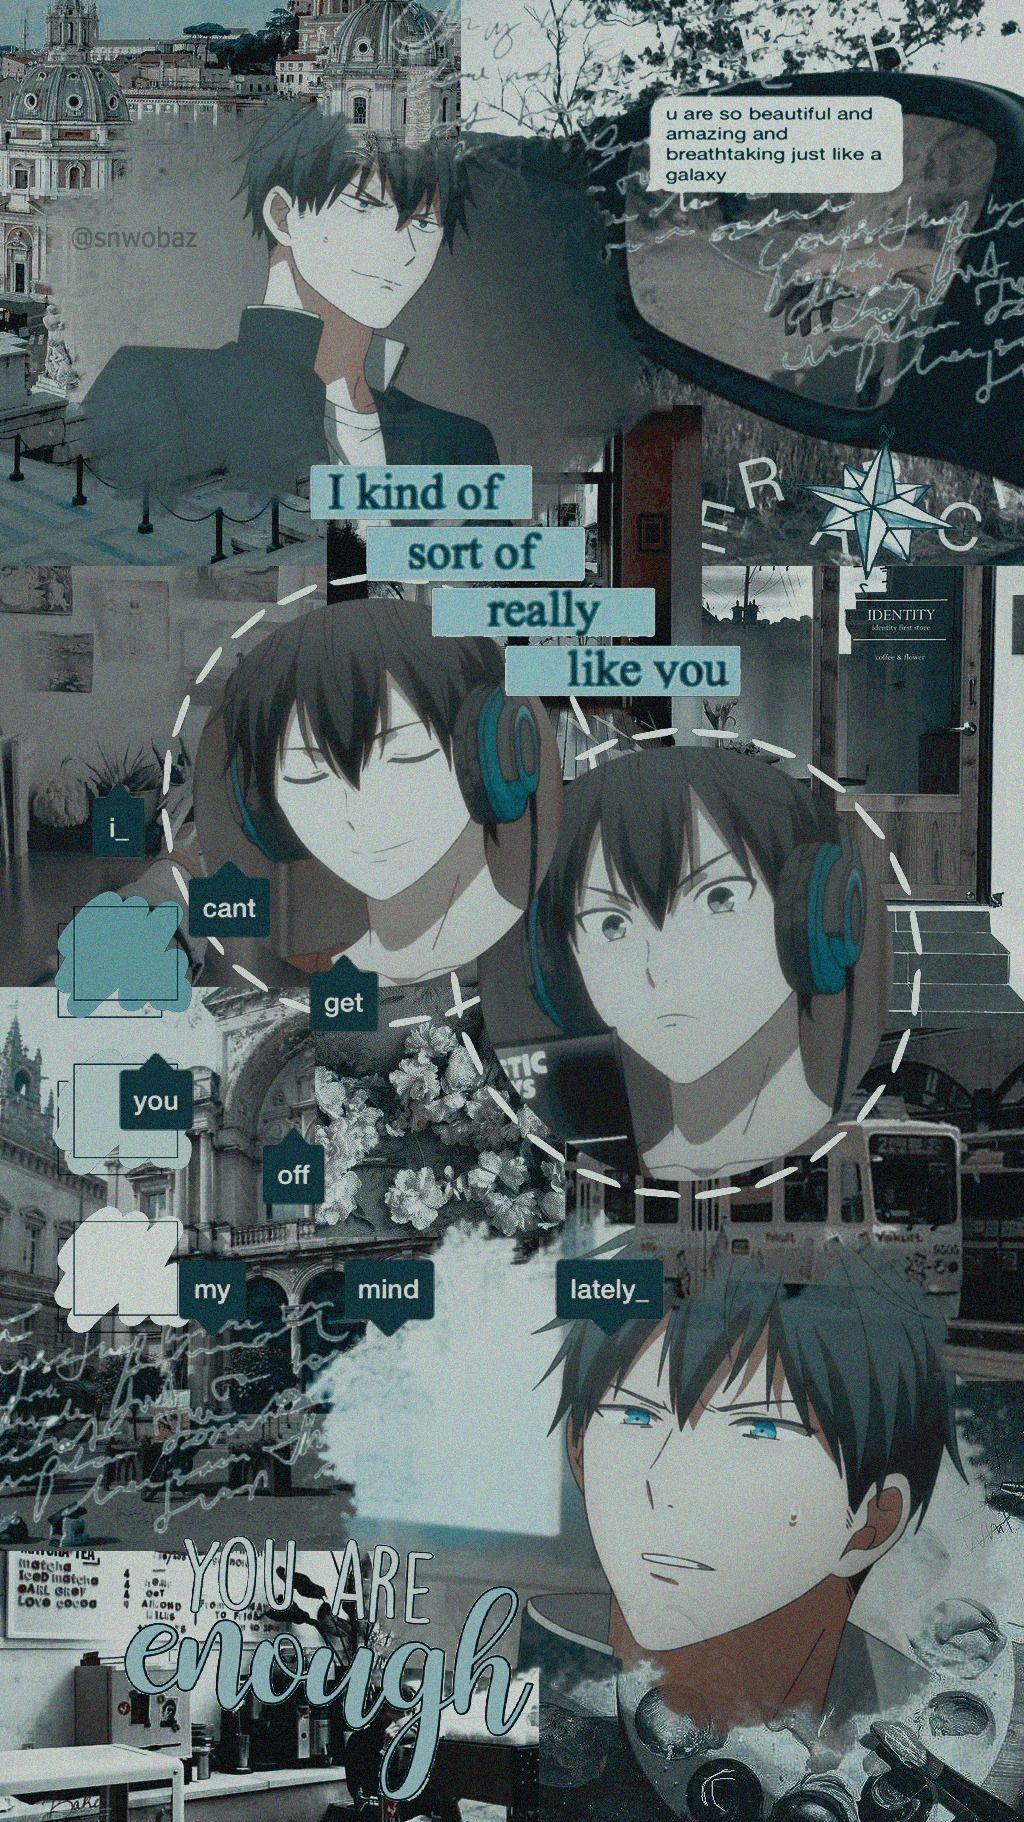 𝙜𝙞𝙫𝙚𝙣 ♡ 𝙢𝙚𝙢𝙚𝙨 Anime estético, Fondo de anime y Dibujos